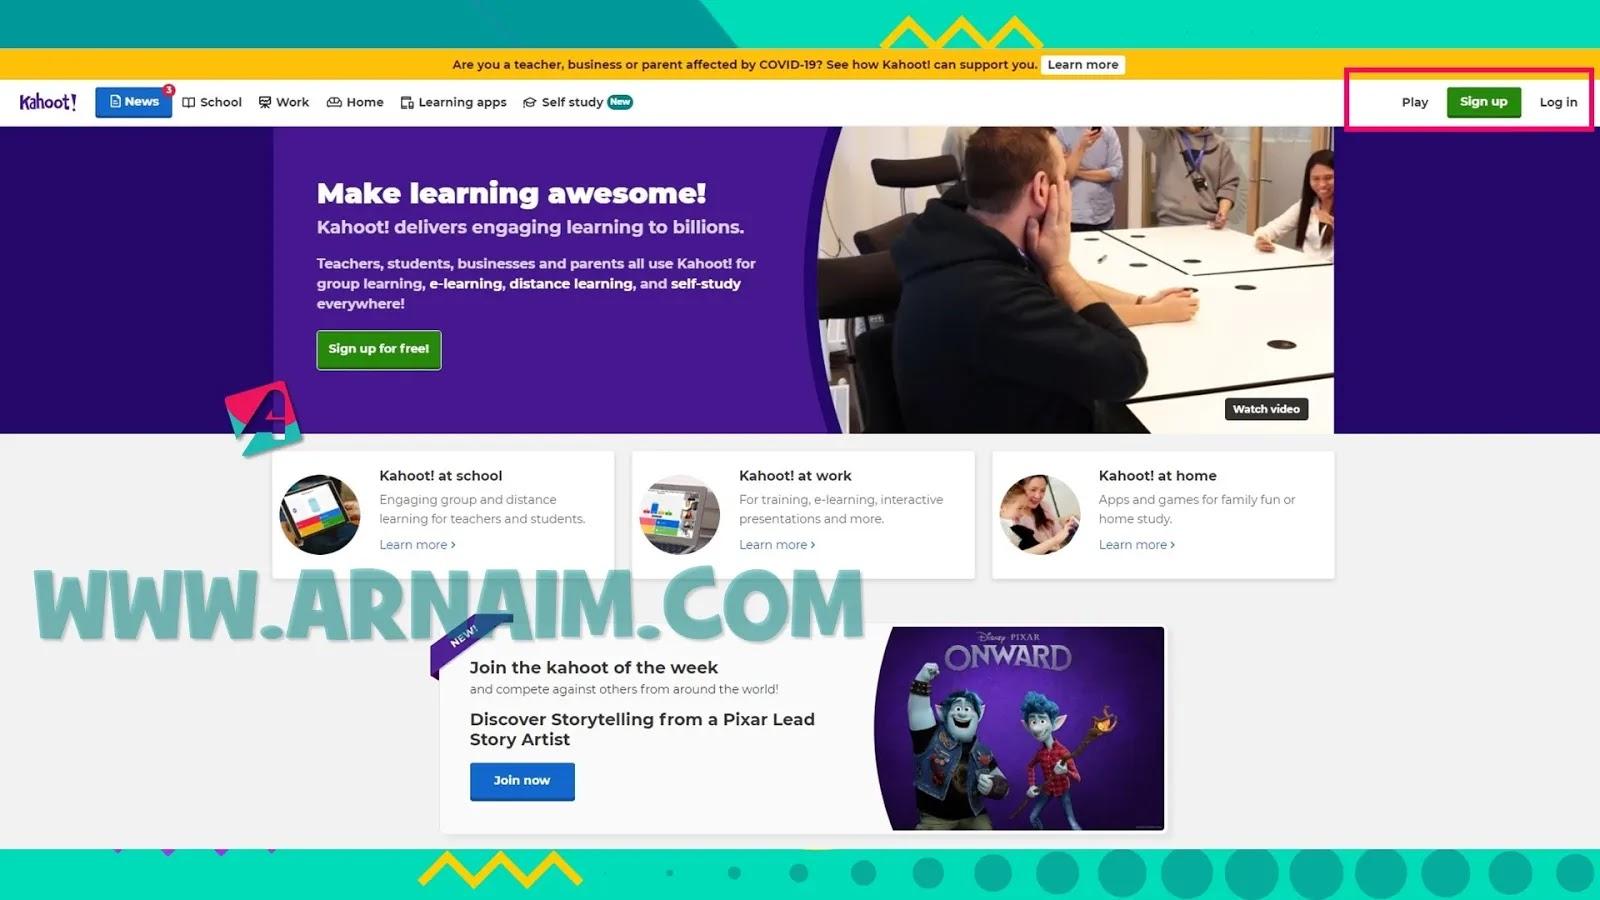 Arnaim.com - Dapatkan Akun Kahoot Premium Secara Gratis